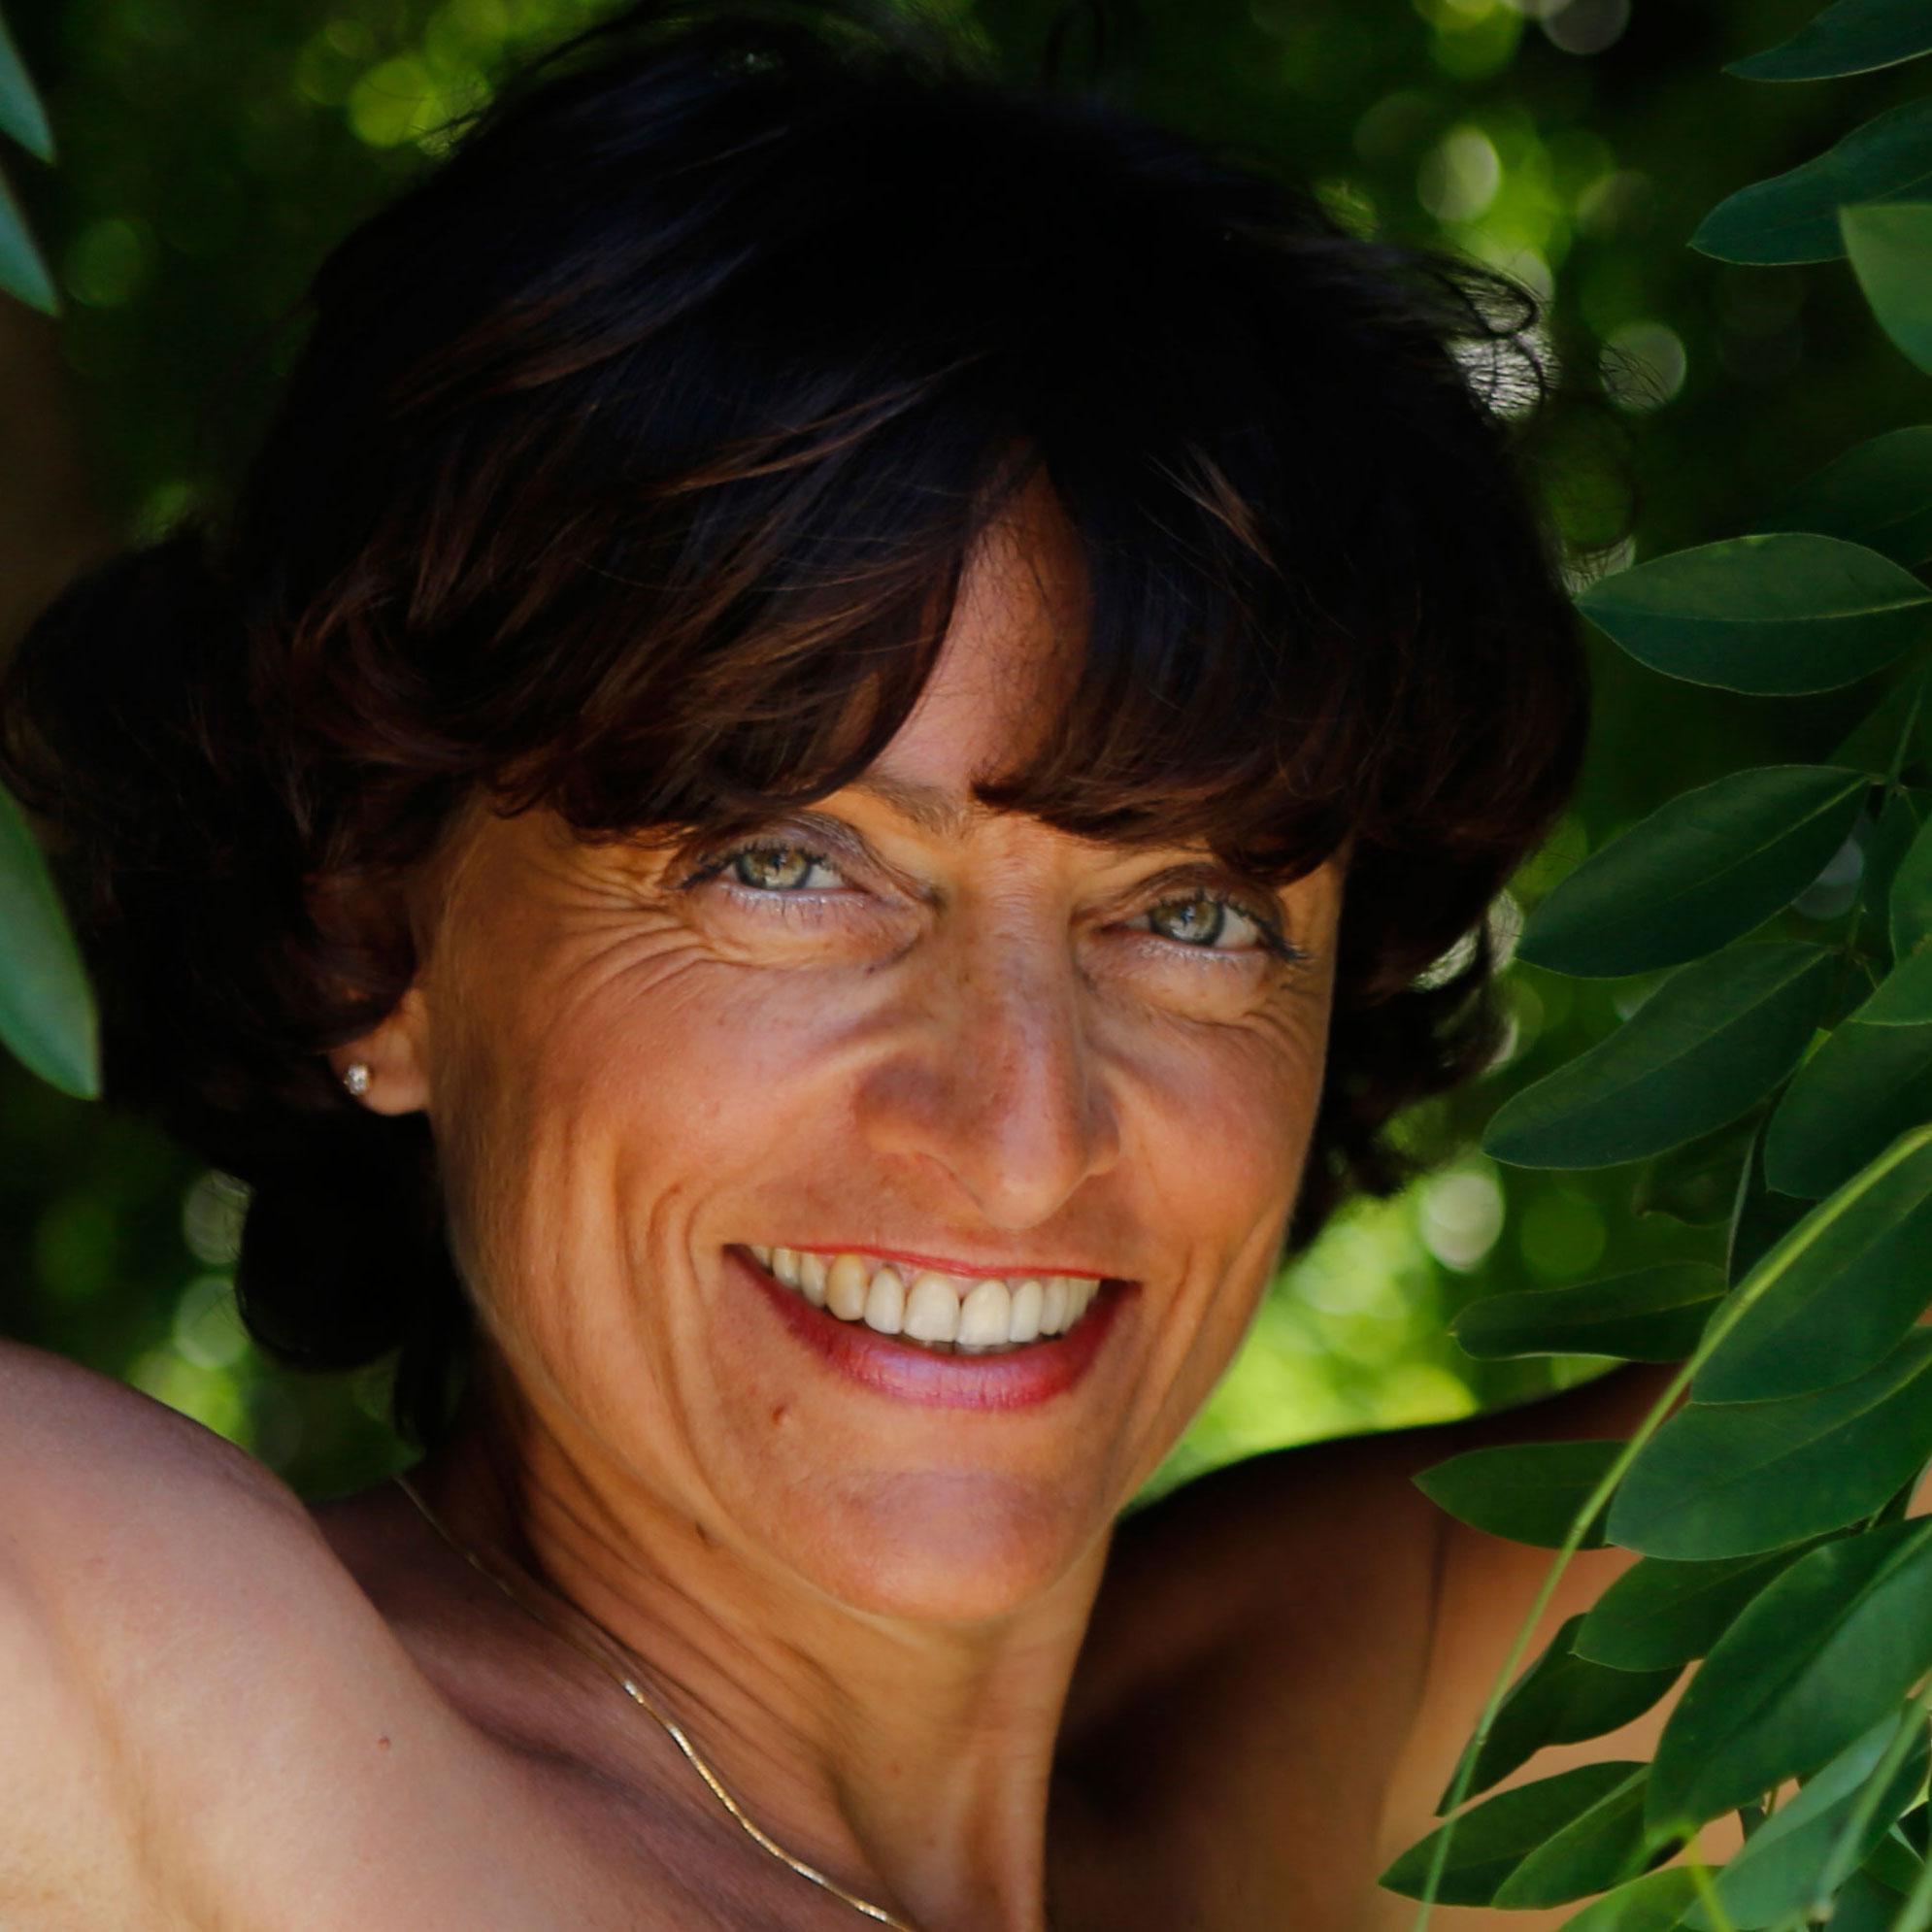 erfahrung mit parship erotische massage deutsch